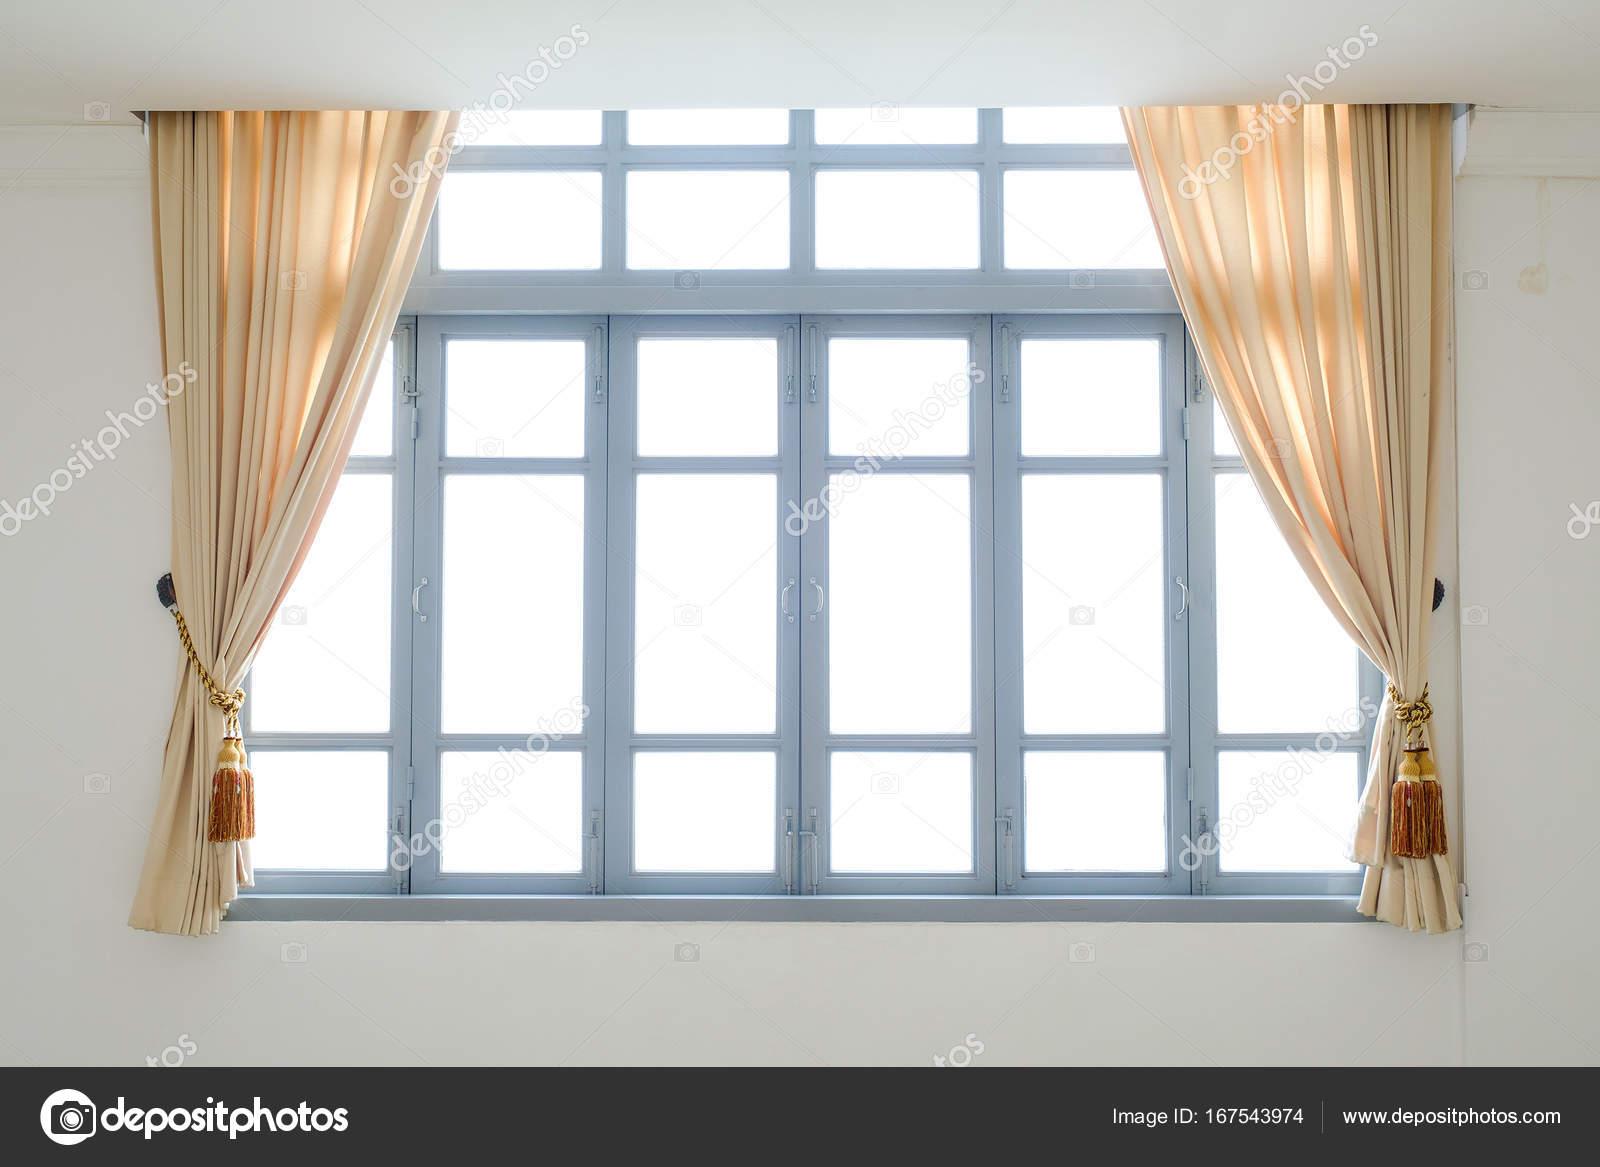 beige gordijnen in een klassieke stijl interieur foto van subinpumsom